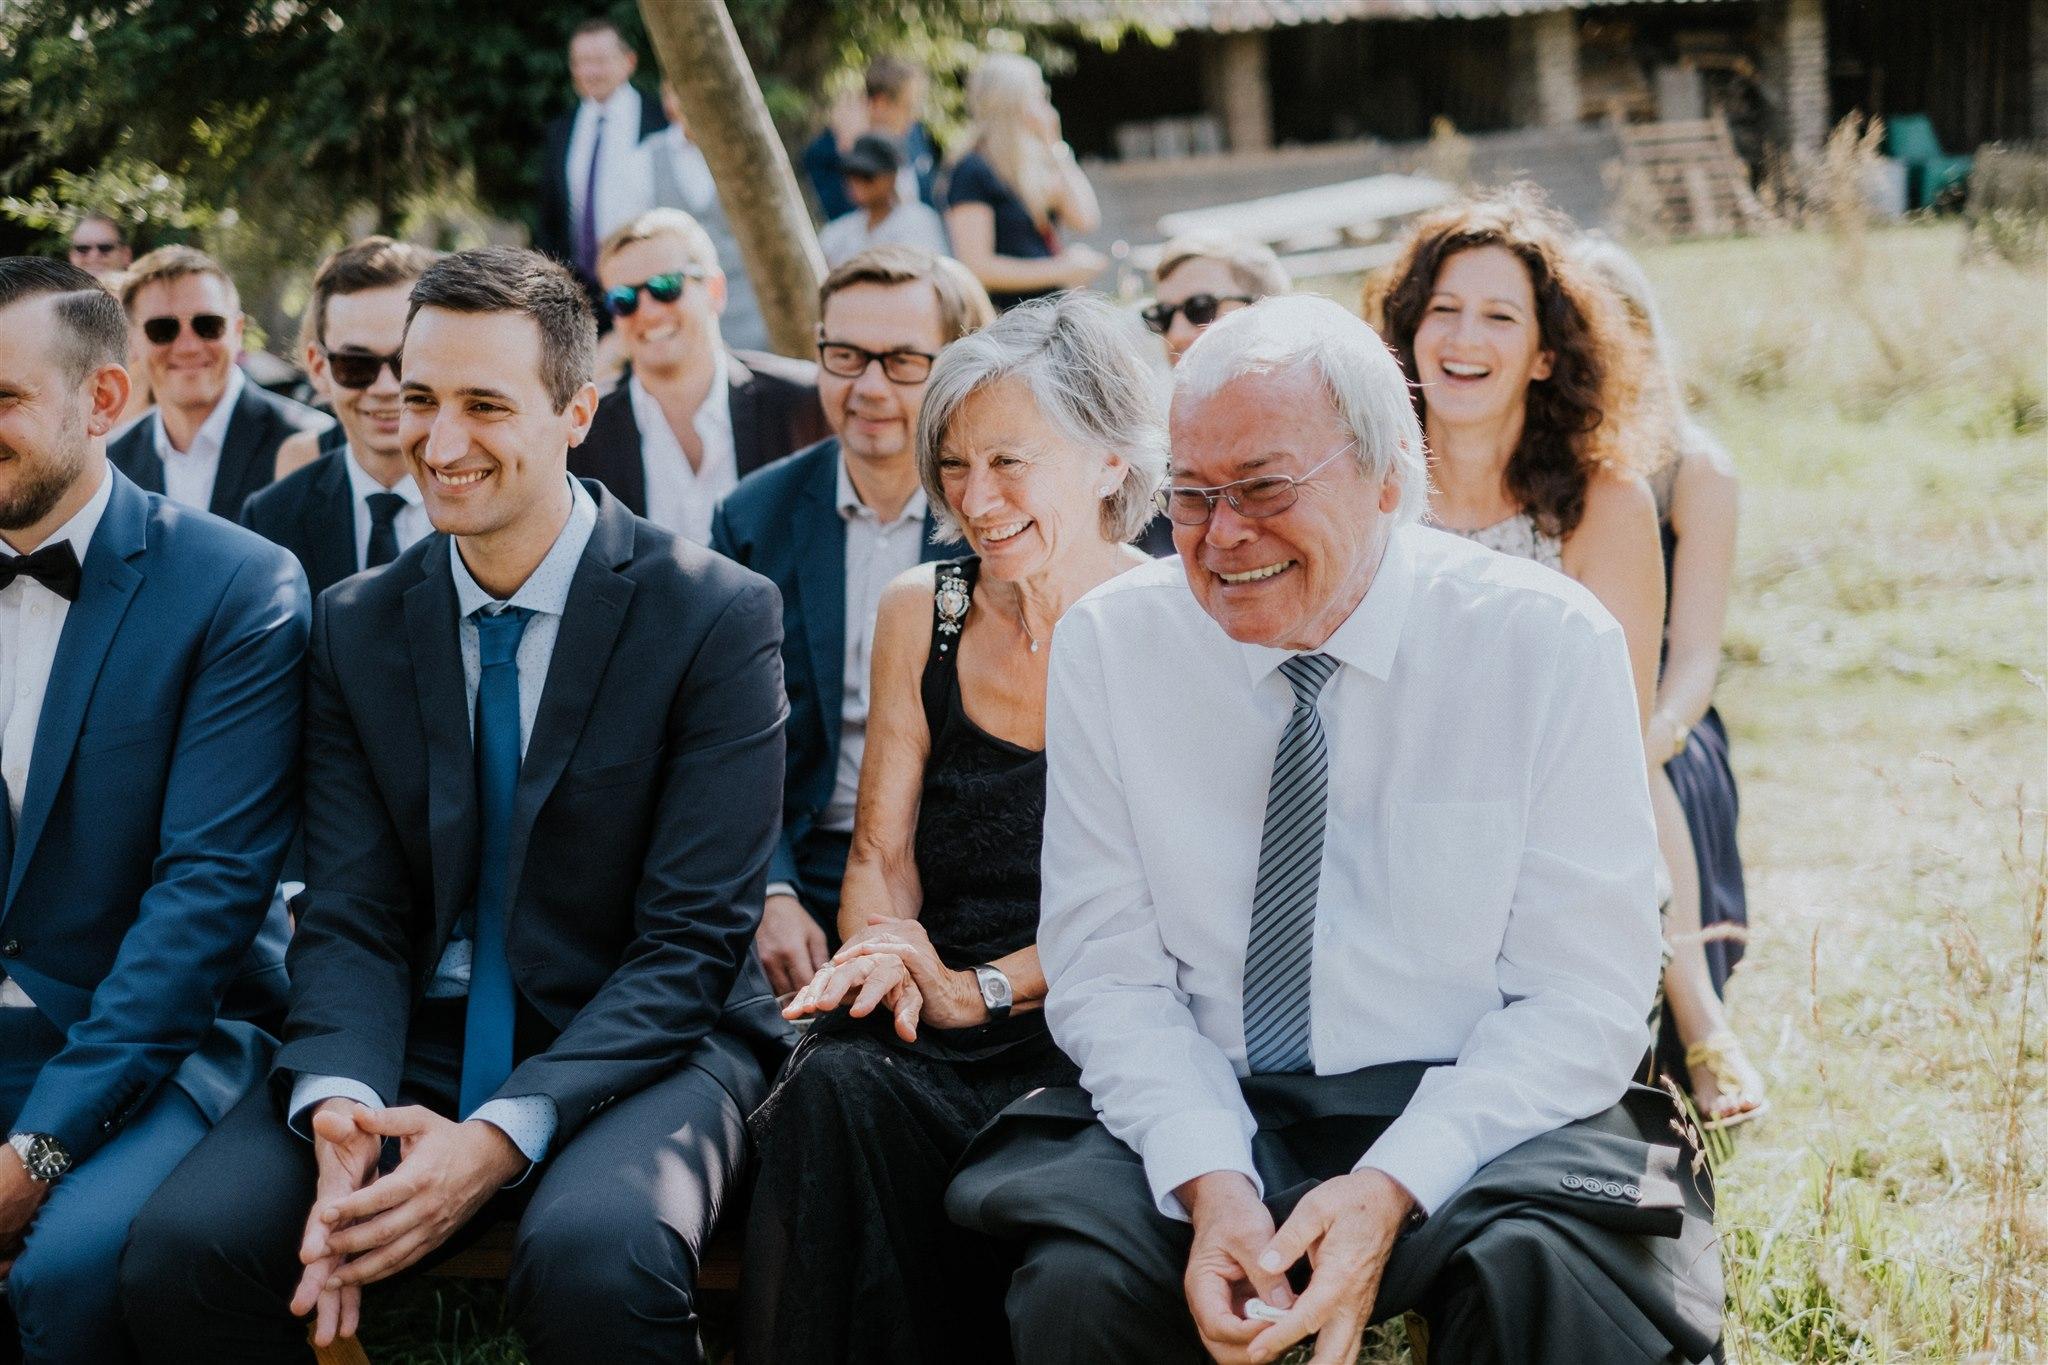 ...sondern auch die Gäste zum Lachen (Foto: Kevin Biberbach)